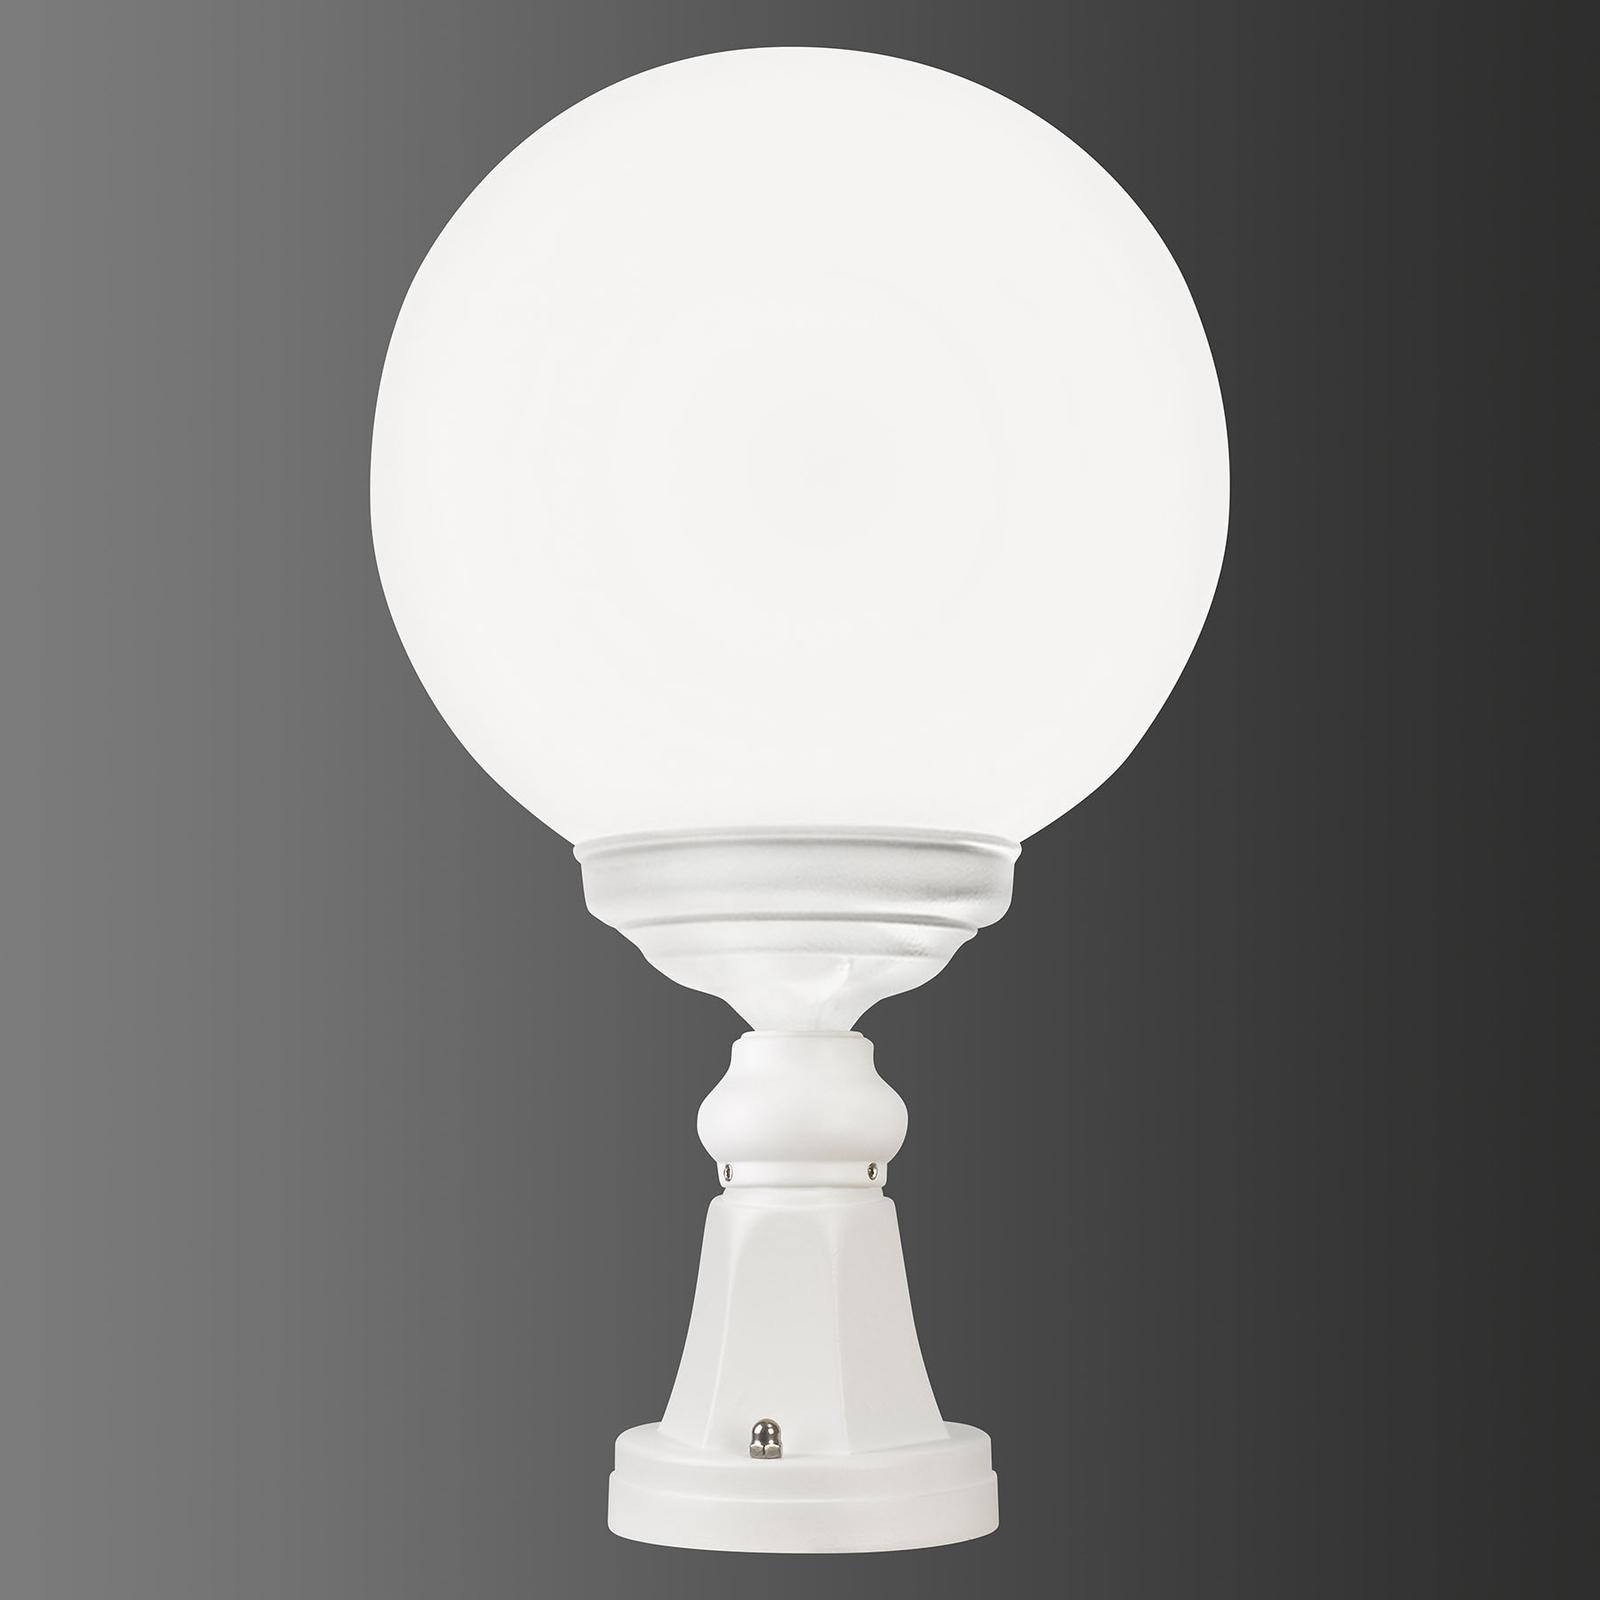 Pollarilamppu 1131 pyöreällä varjostimella